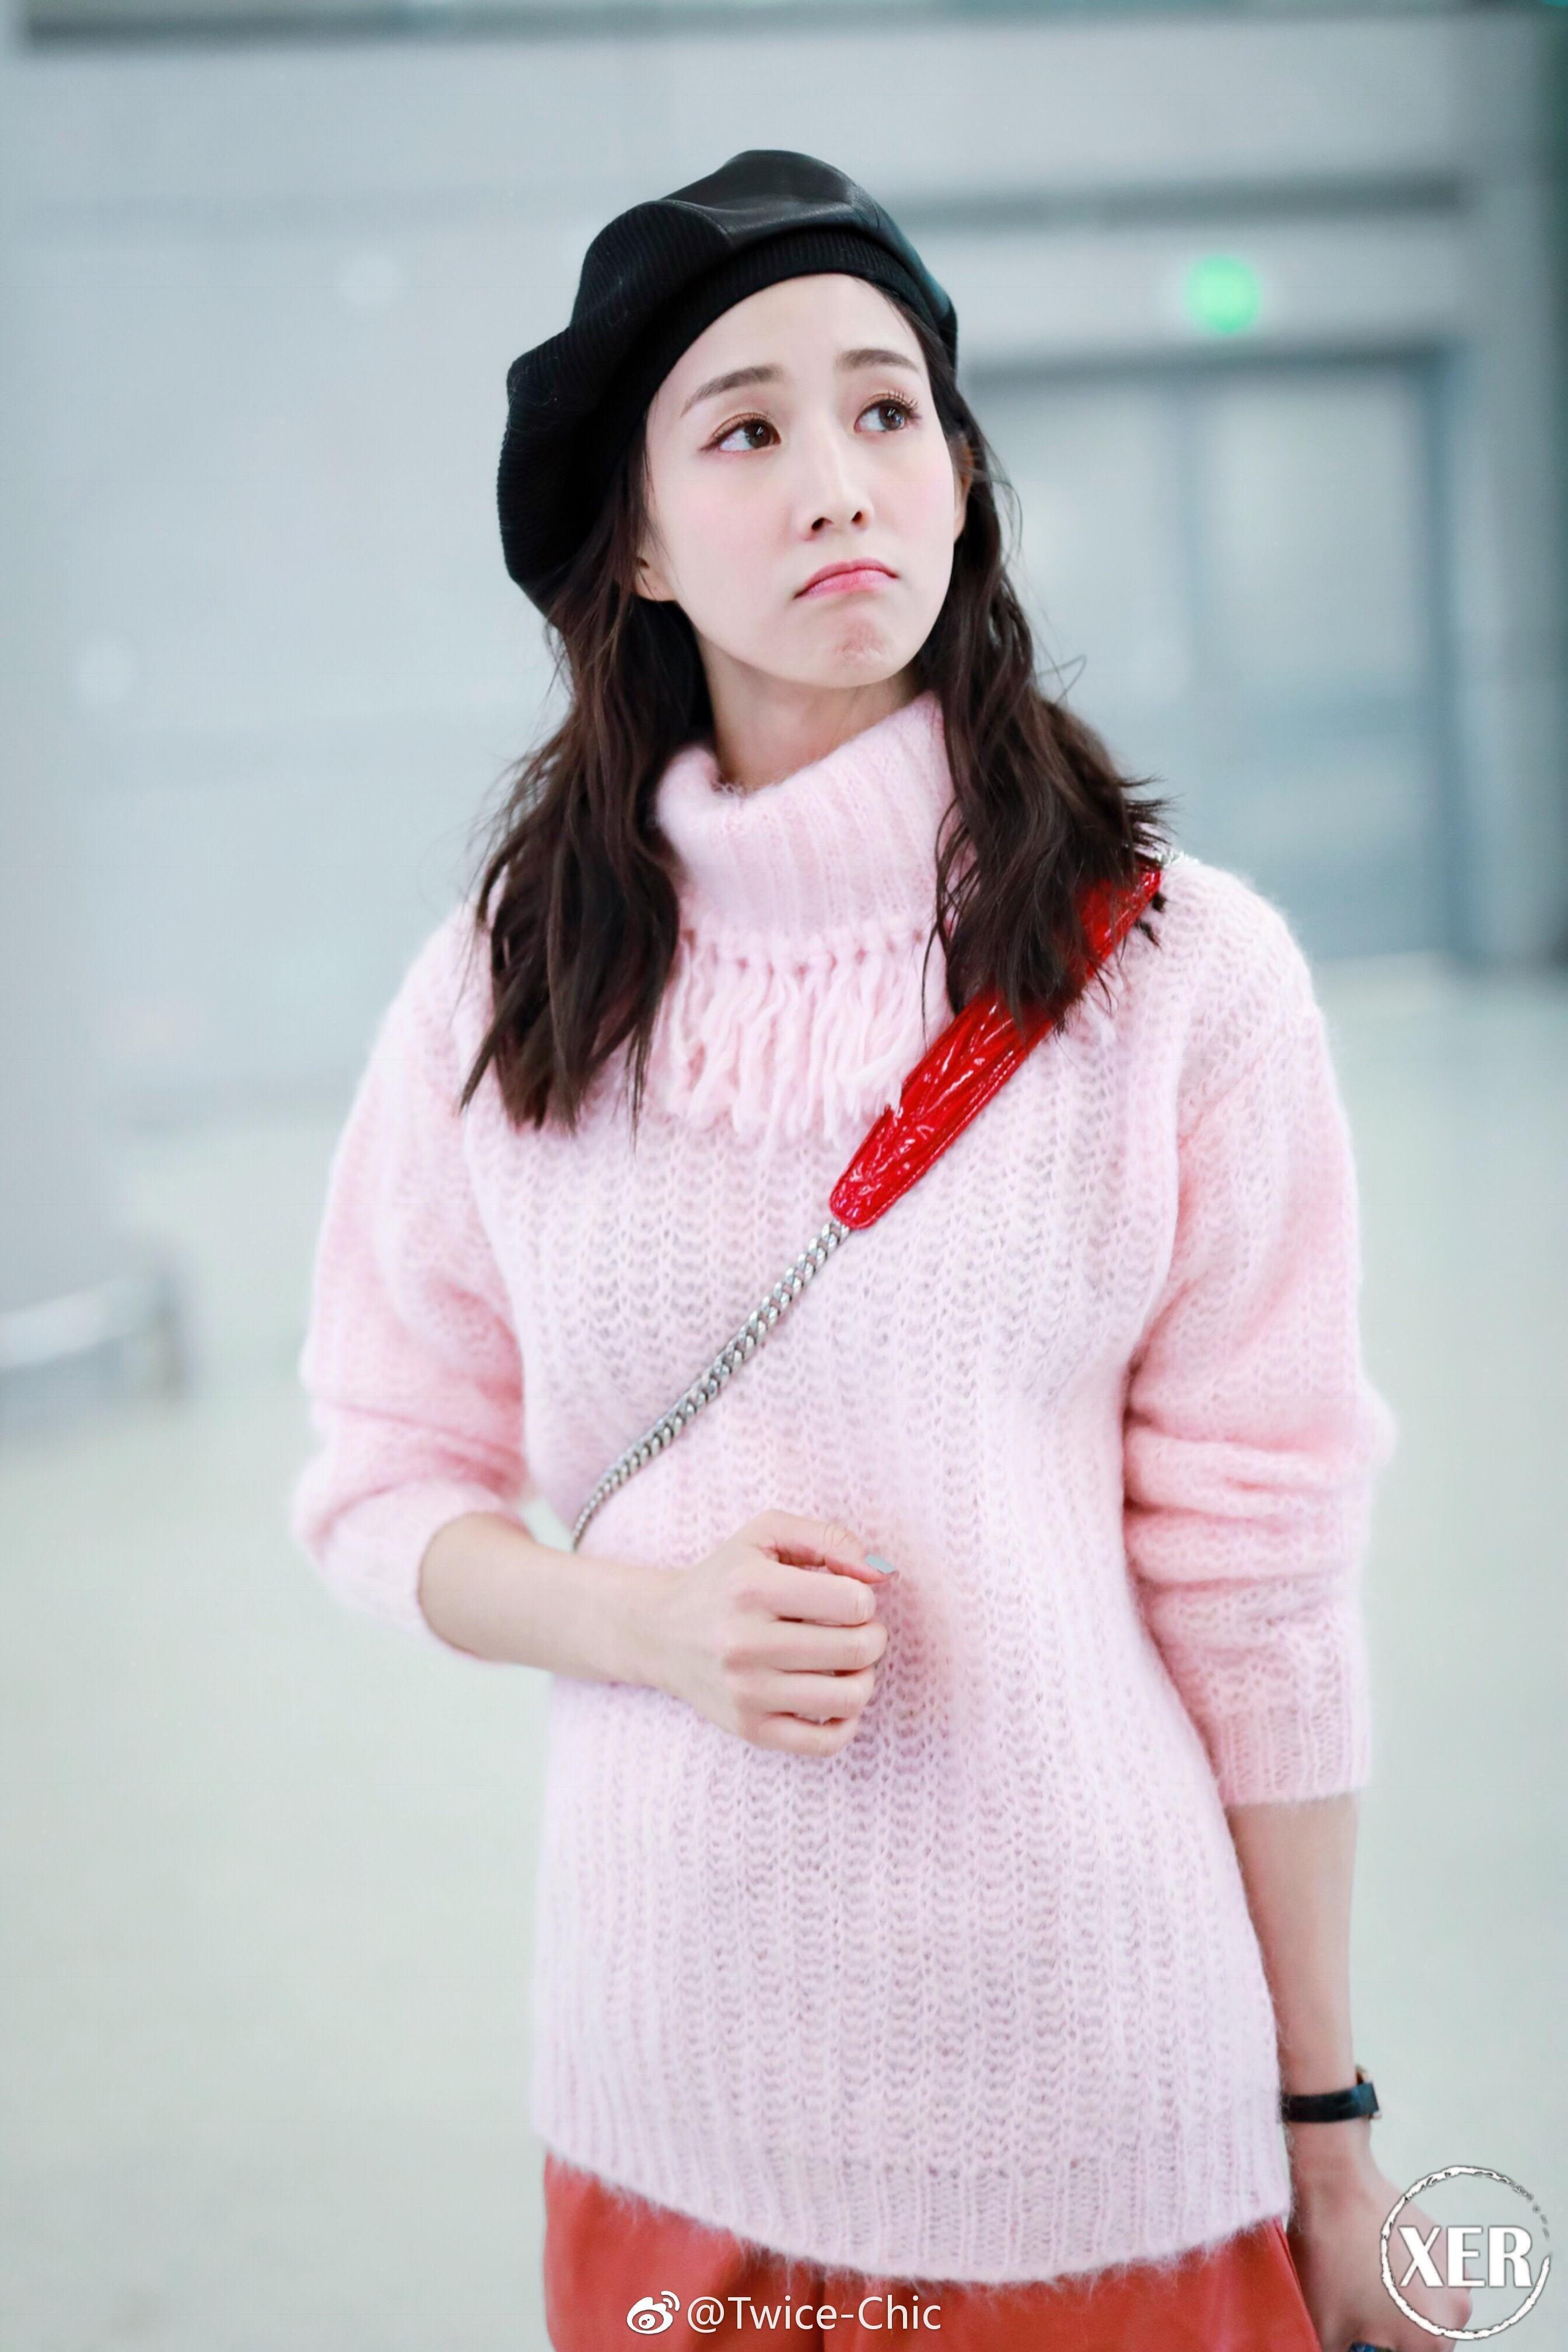 吴谨言穿这毛衣被吐槽土,张钧甯穿却很好看,身材颜值硬撑起来的